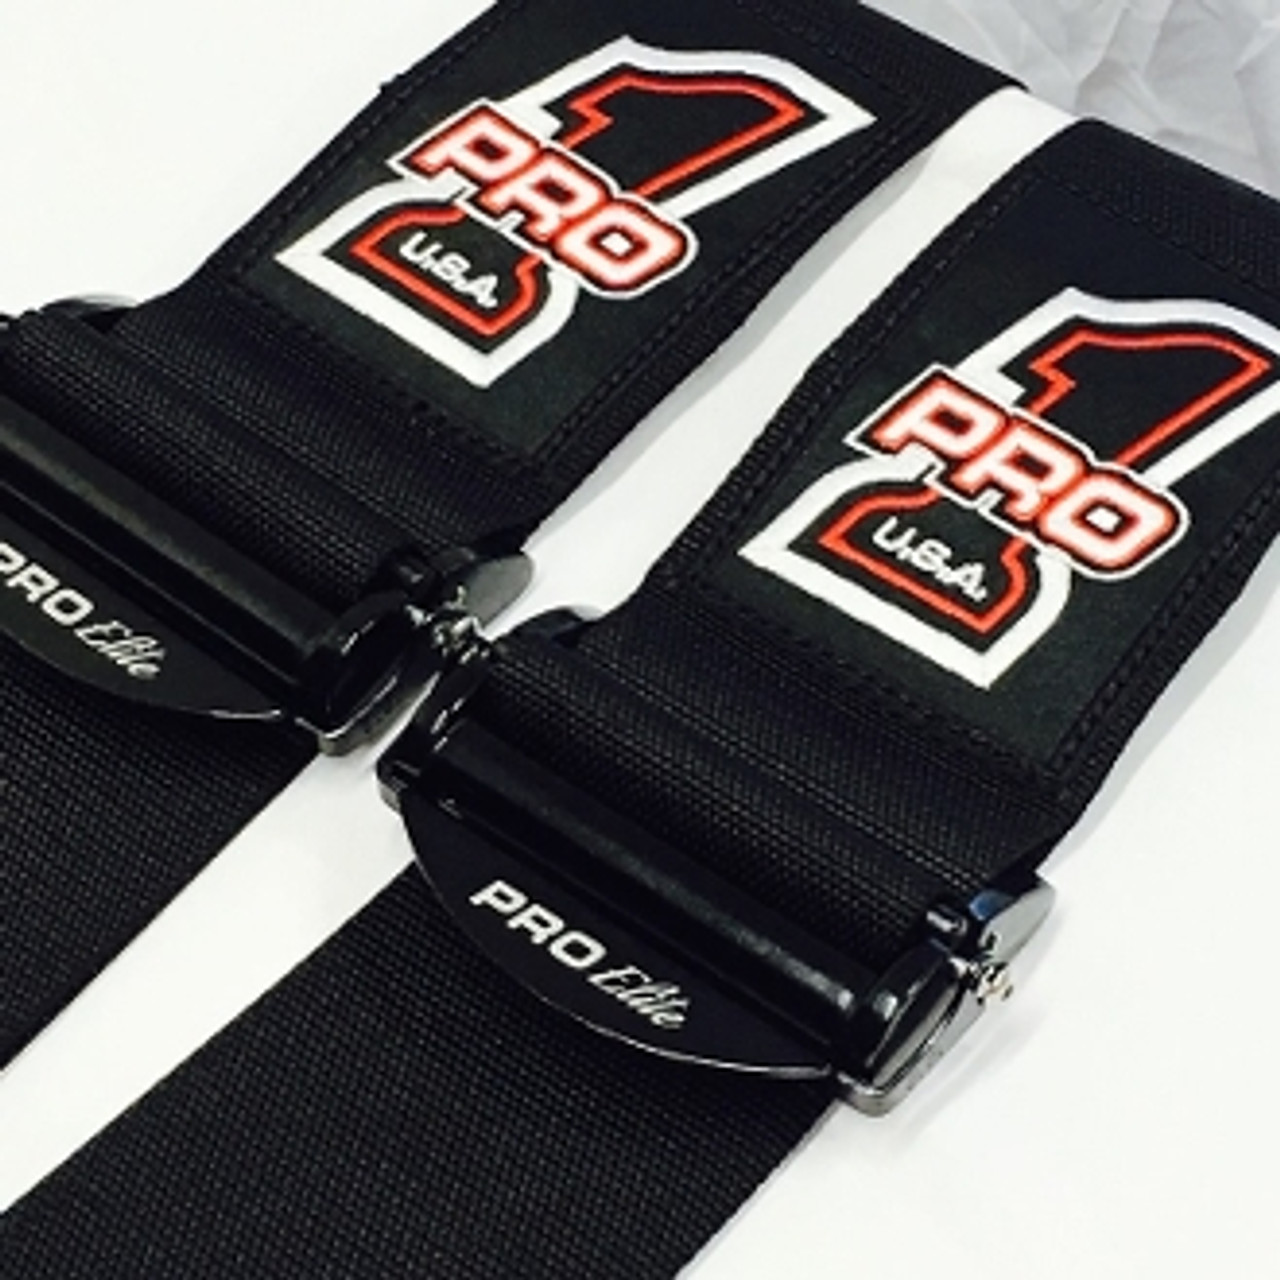 Pro Elite Cam Lock Safety Harness Seat Belts - 5pt Black